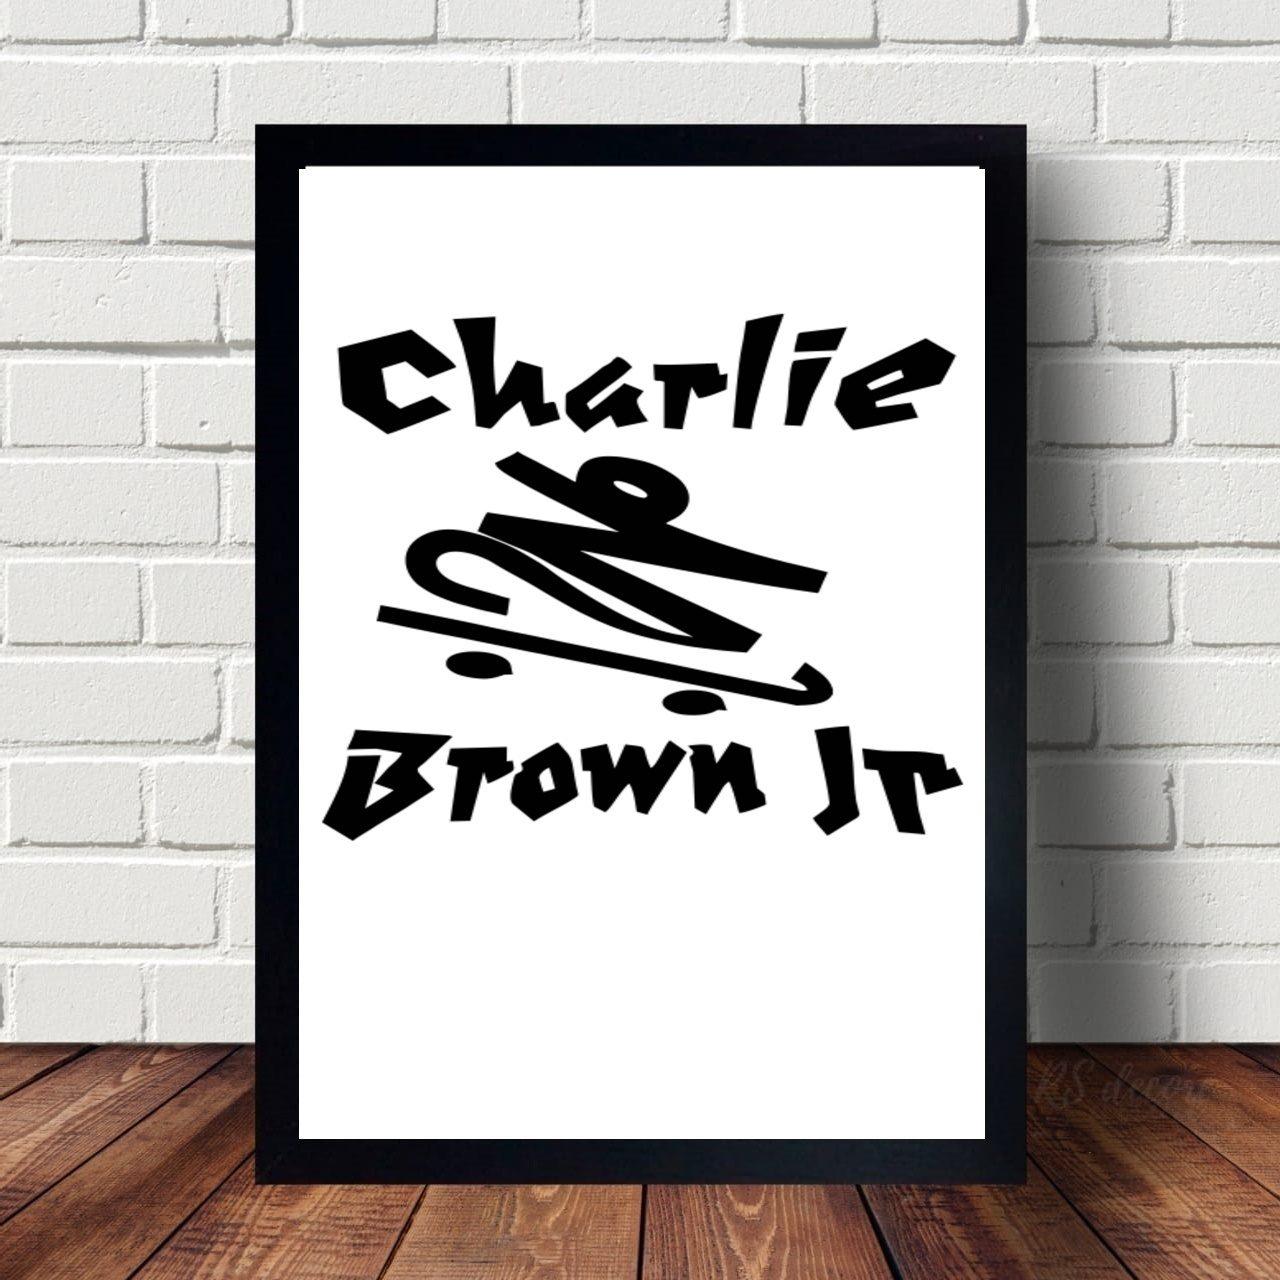 Quadro Decorativo Charlie Brown Jr I